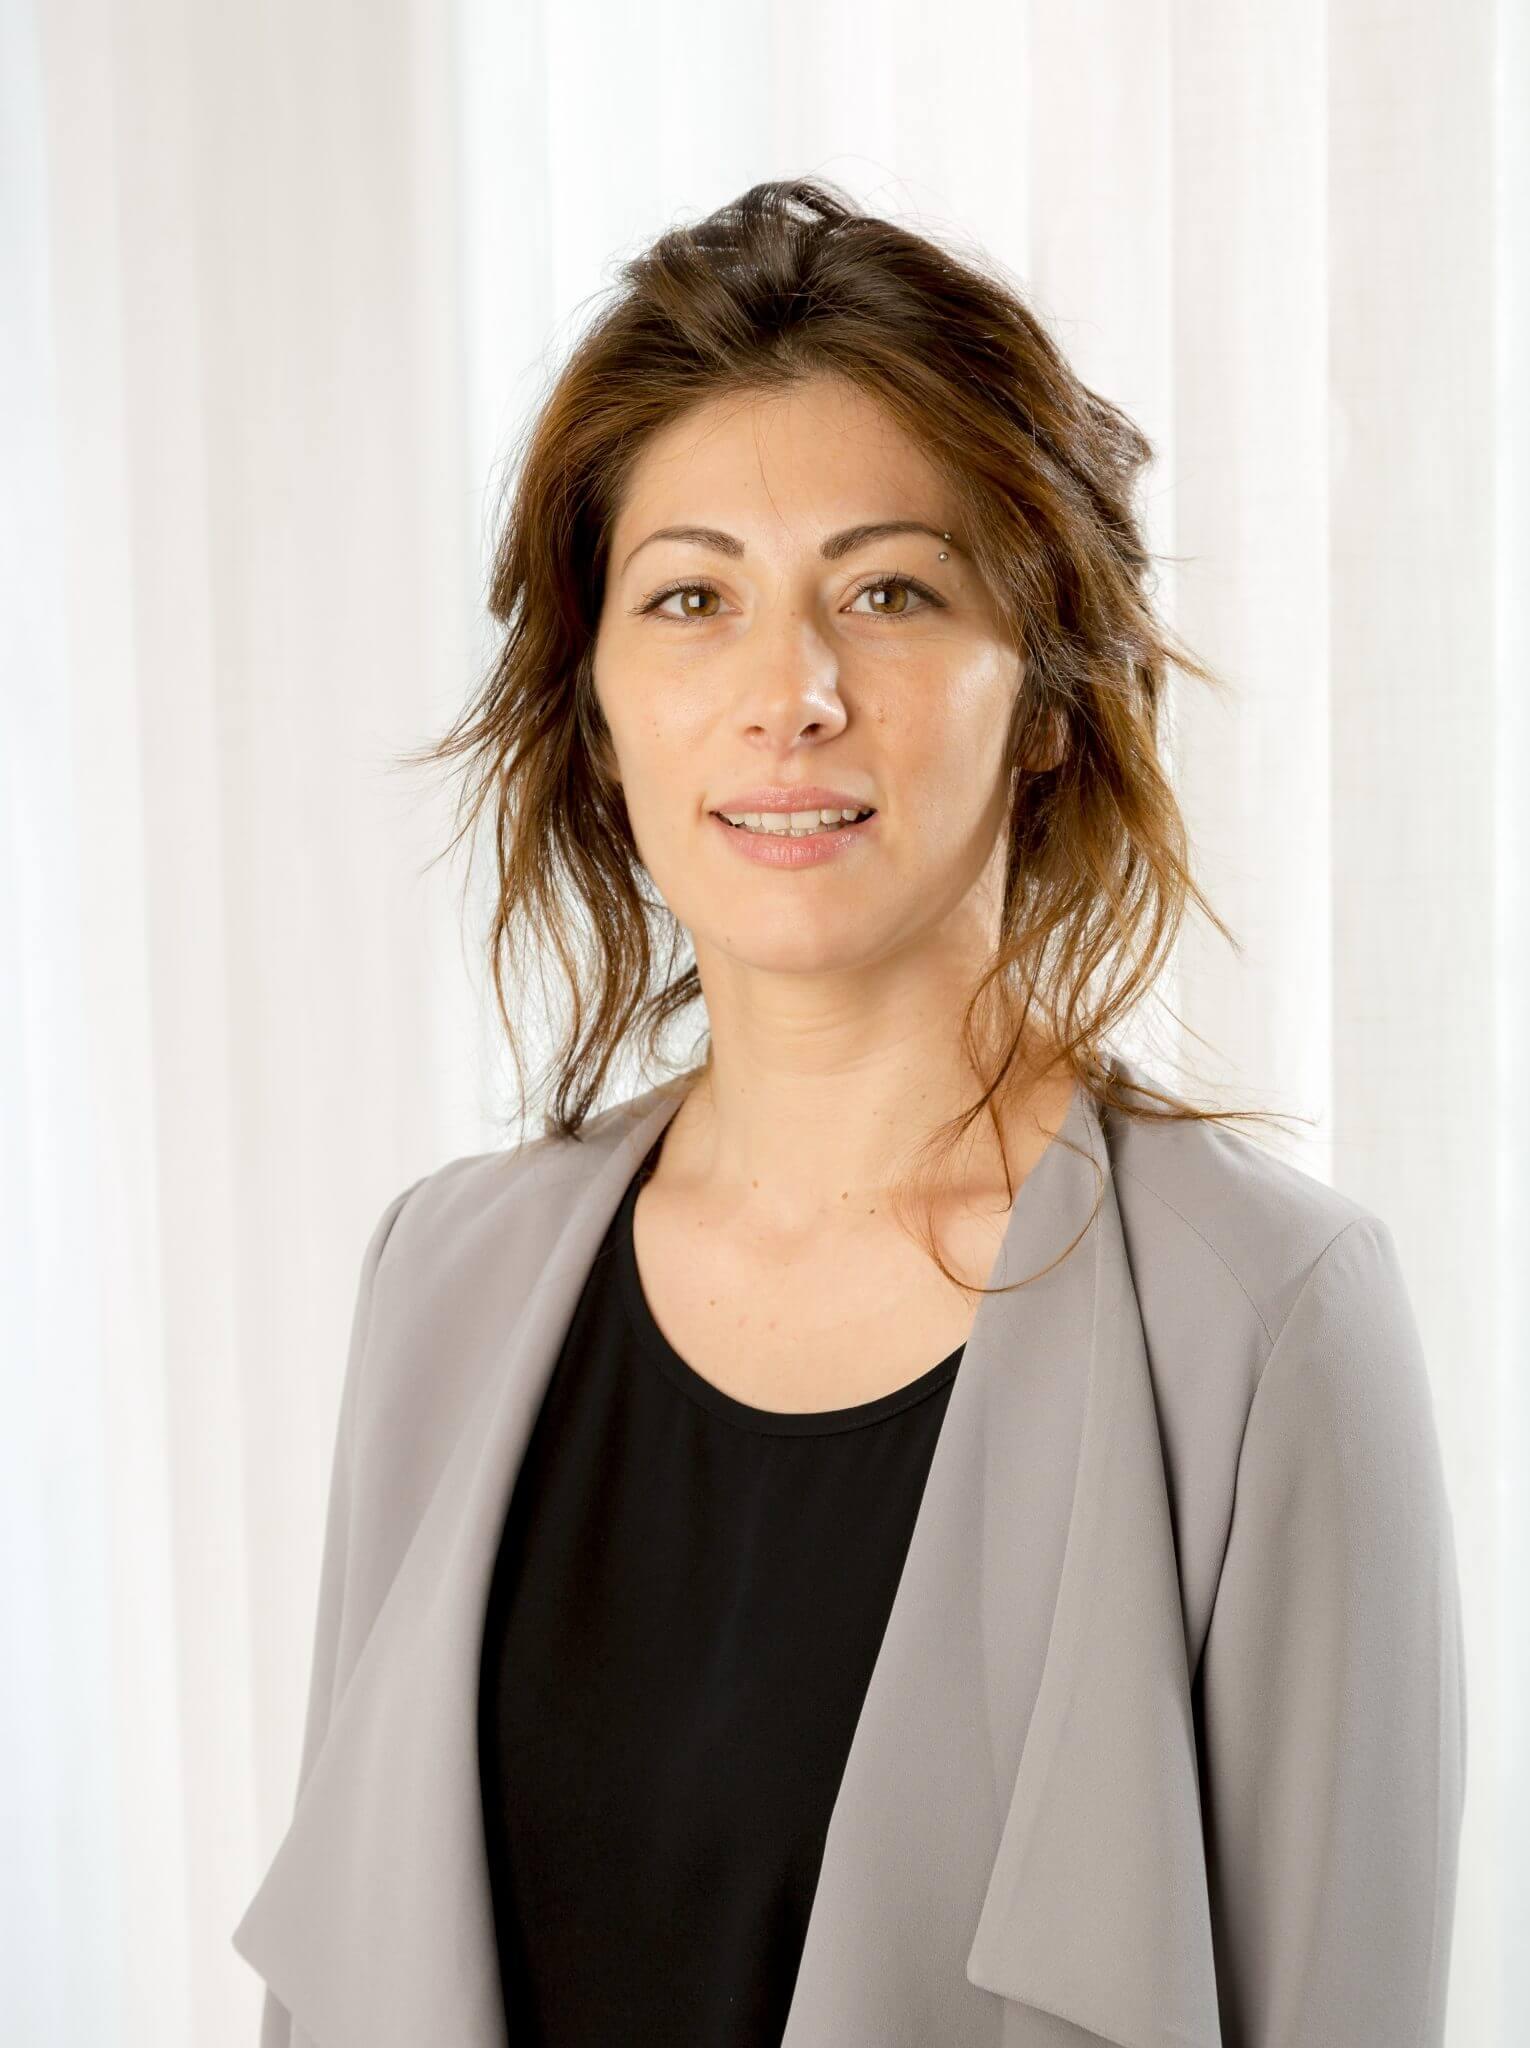 Christina Calciu - Leitun g Tagespflege